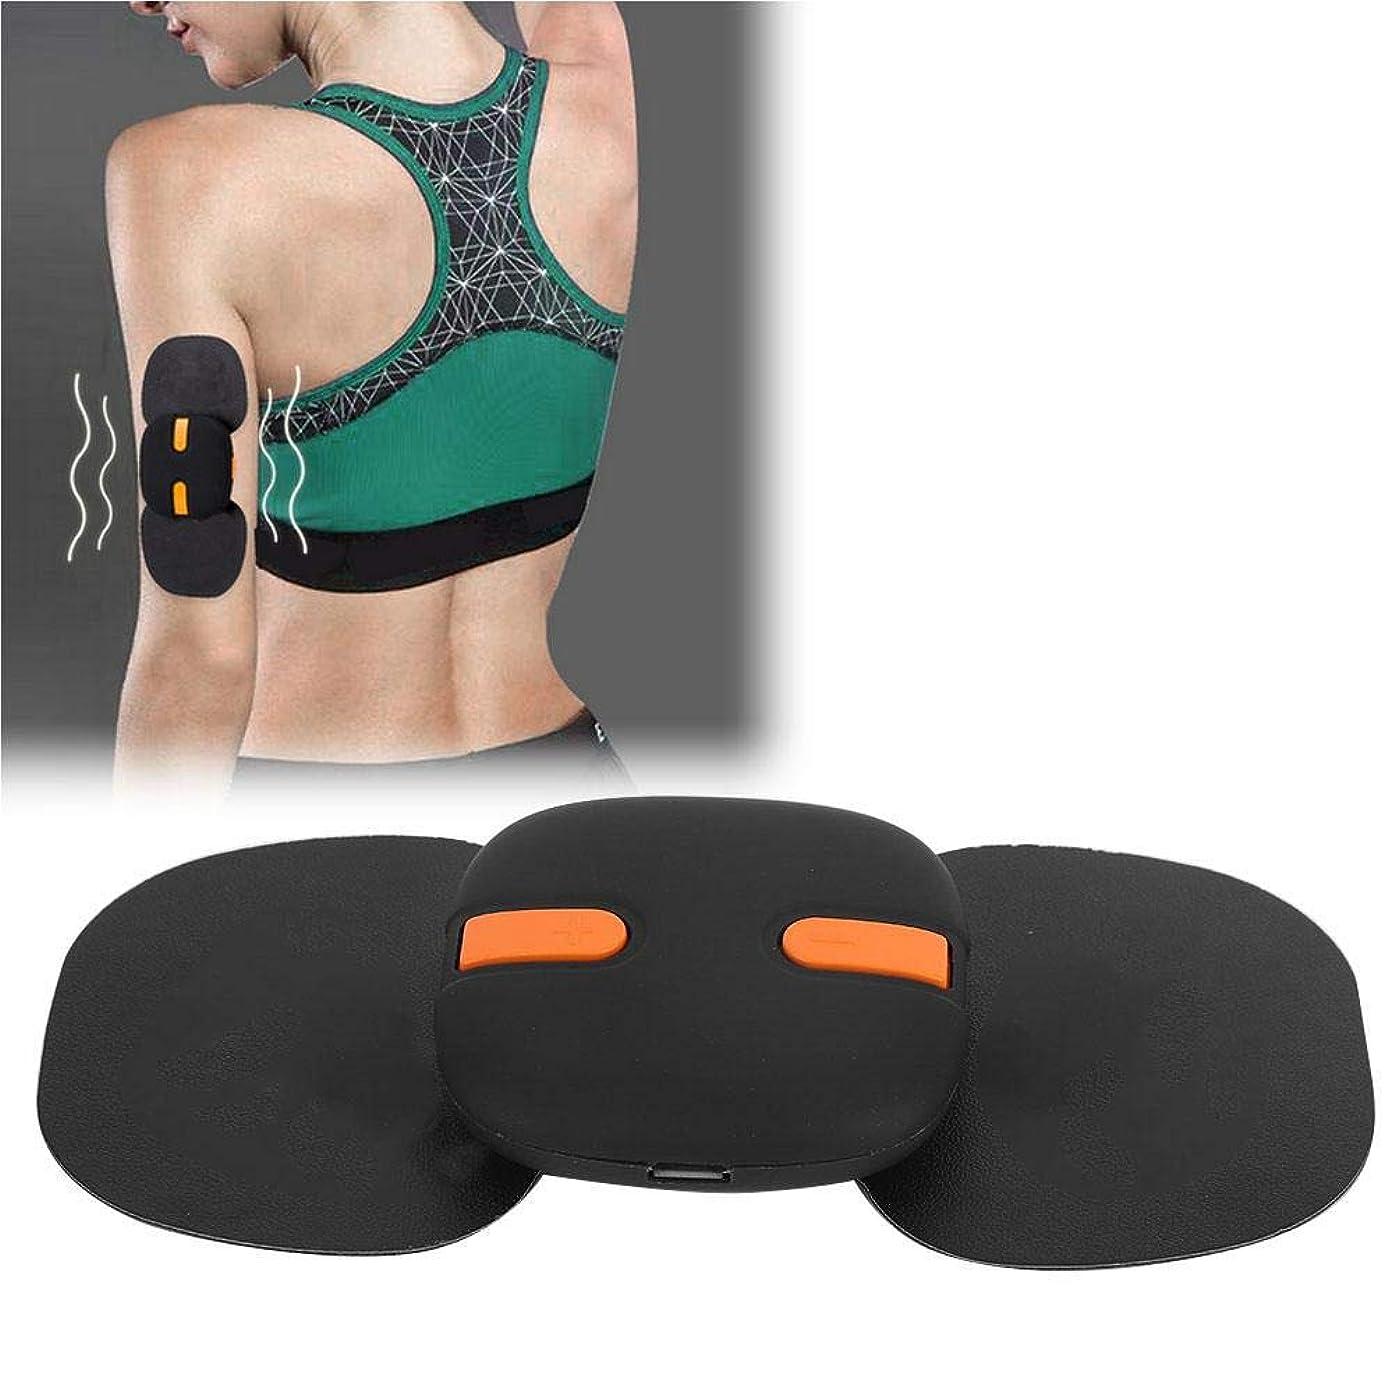 保護する共産主義者修正筋肉電気刺激装置、腹部用電子腹部刺激装置/腕/脚/男女用ウエストEMSトレーナー